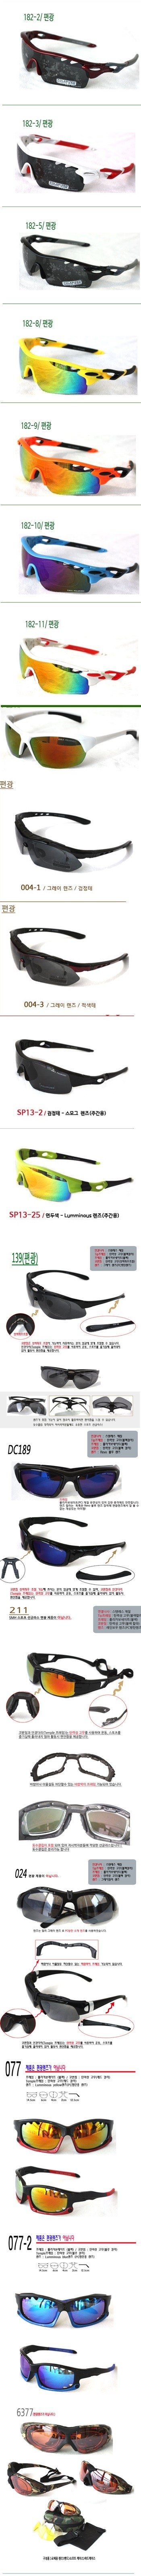 편광선글라스5000pcs구매시 패션용선글라스1600pcs는 무료로드립니다